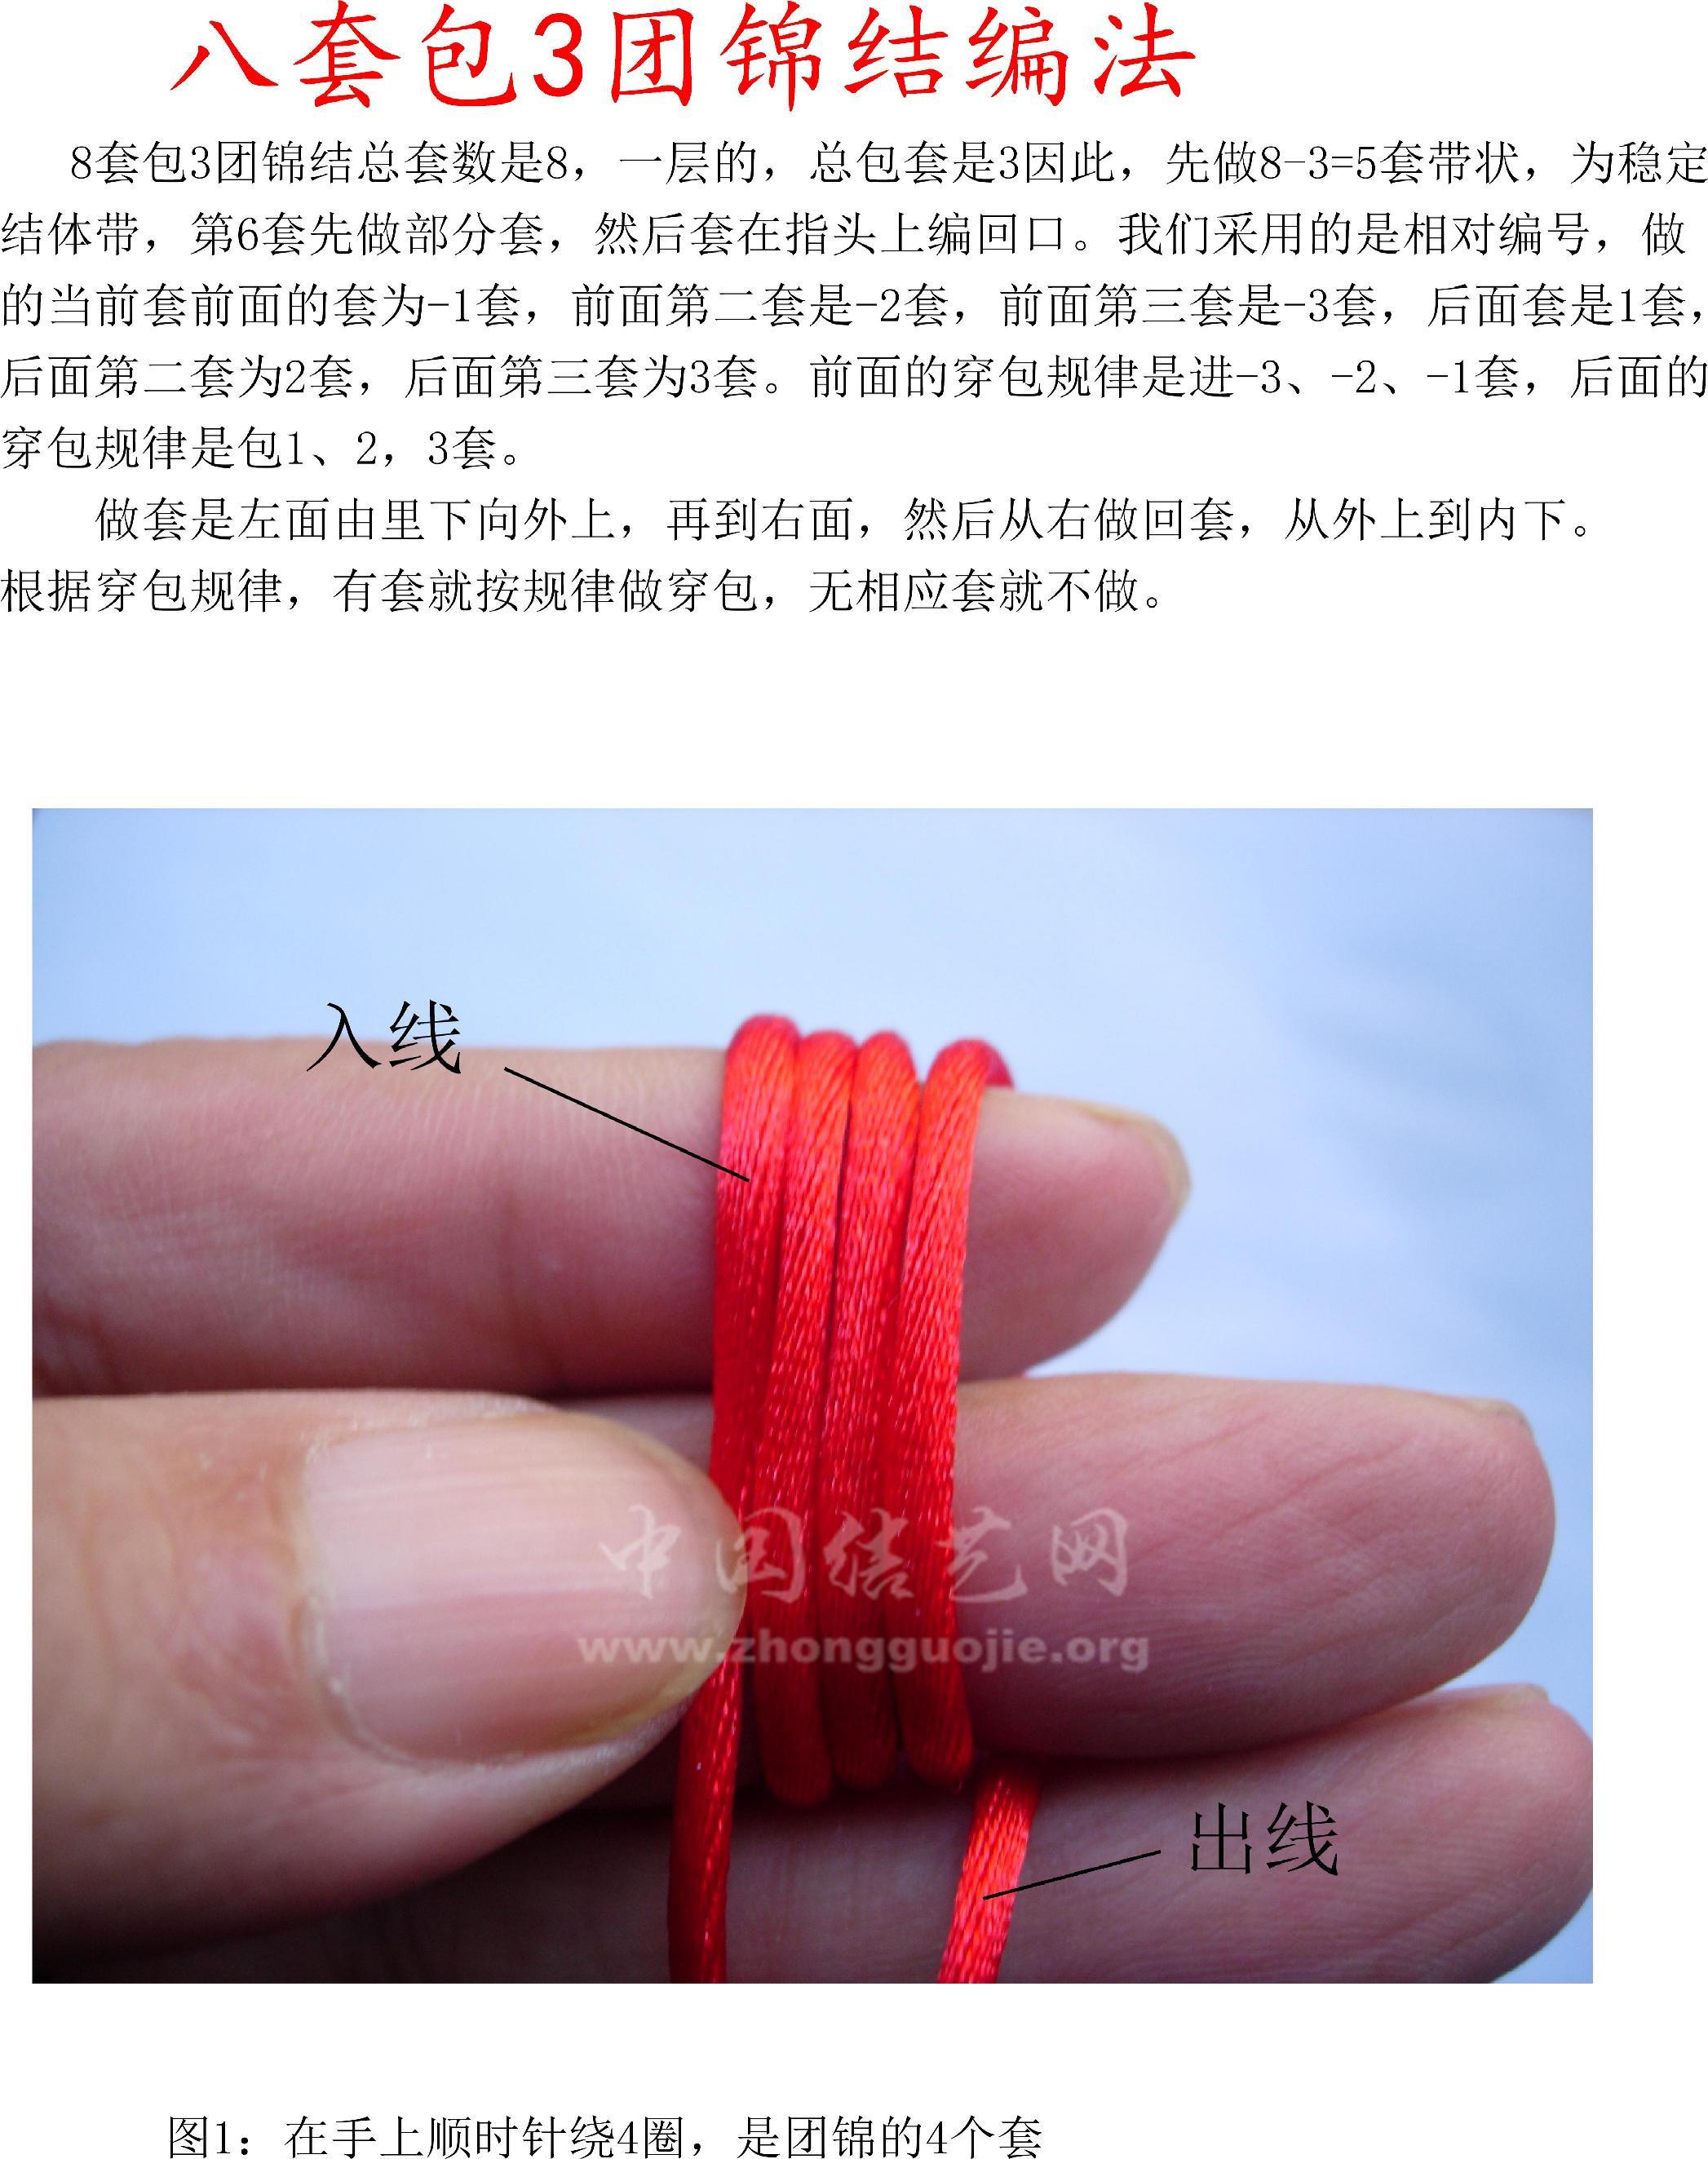 中国结论坛 新方法徒手编8耳包3套(实心)团锦结  丑丑徒手编结 105002zuzptwrdph0oxto4